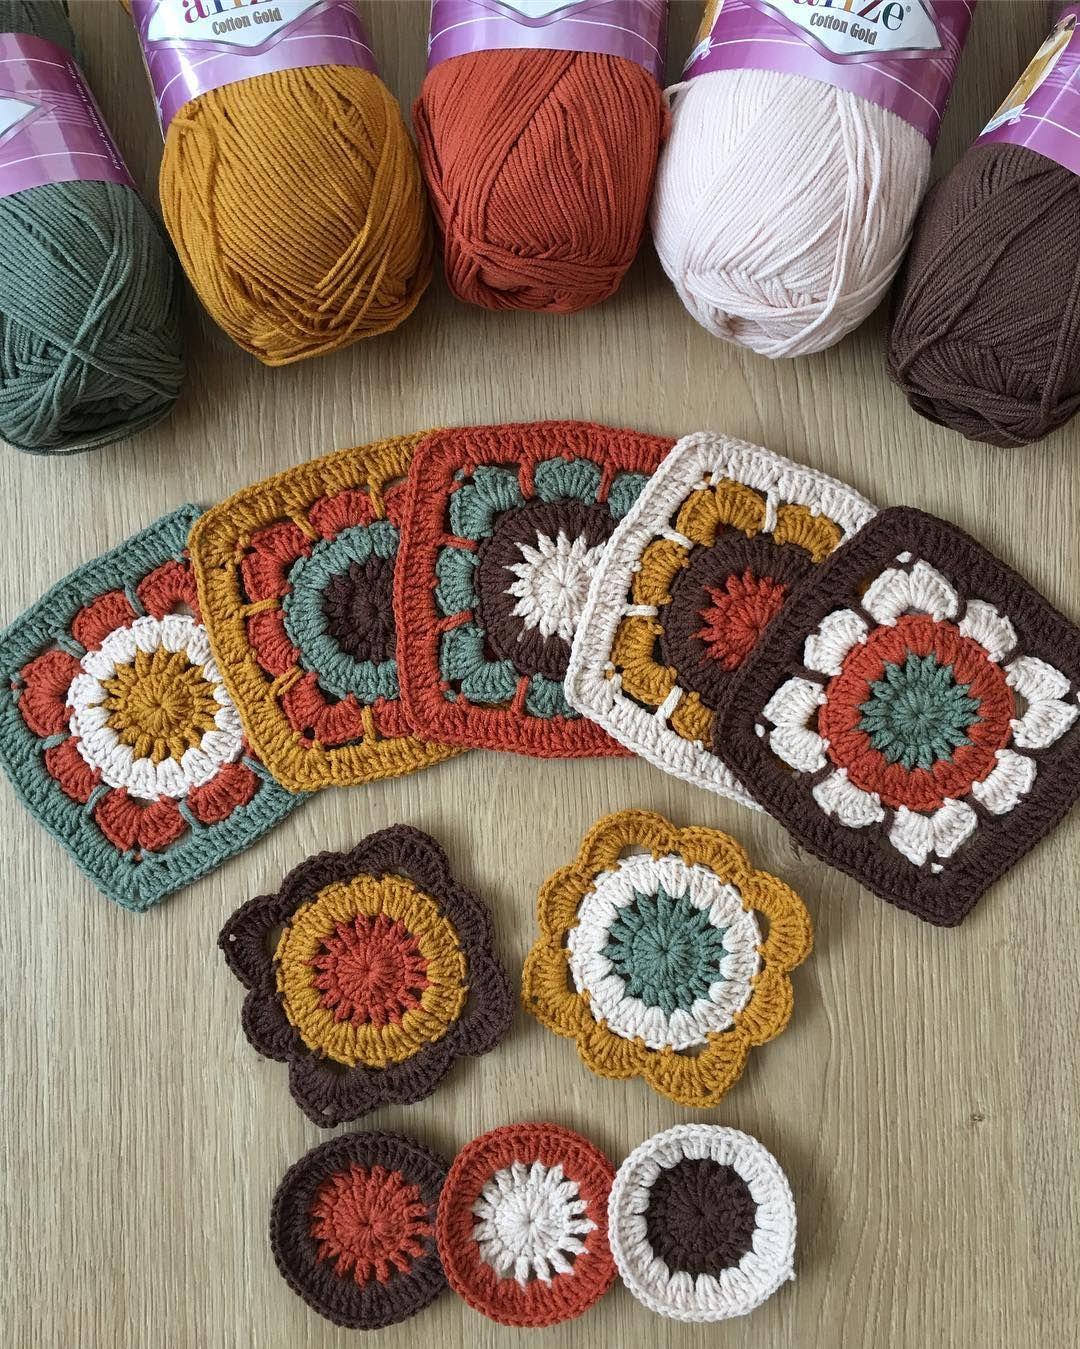 3 779 Likes 113 Comments Sinems Crochet Sinemakbalaban On Instagram Gunaydin Guzel Gecsin Gununuz Tig Isleri Tig Desenleri Buyukanne Kareleri